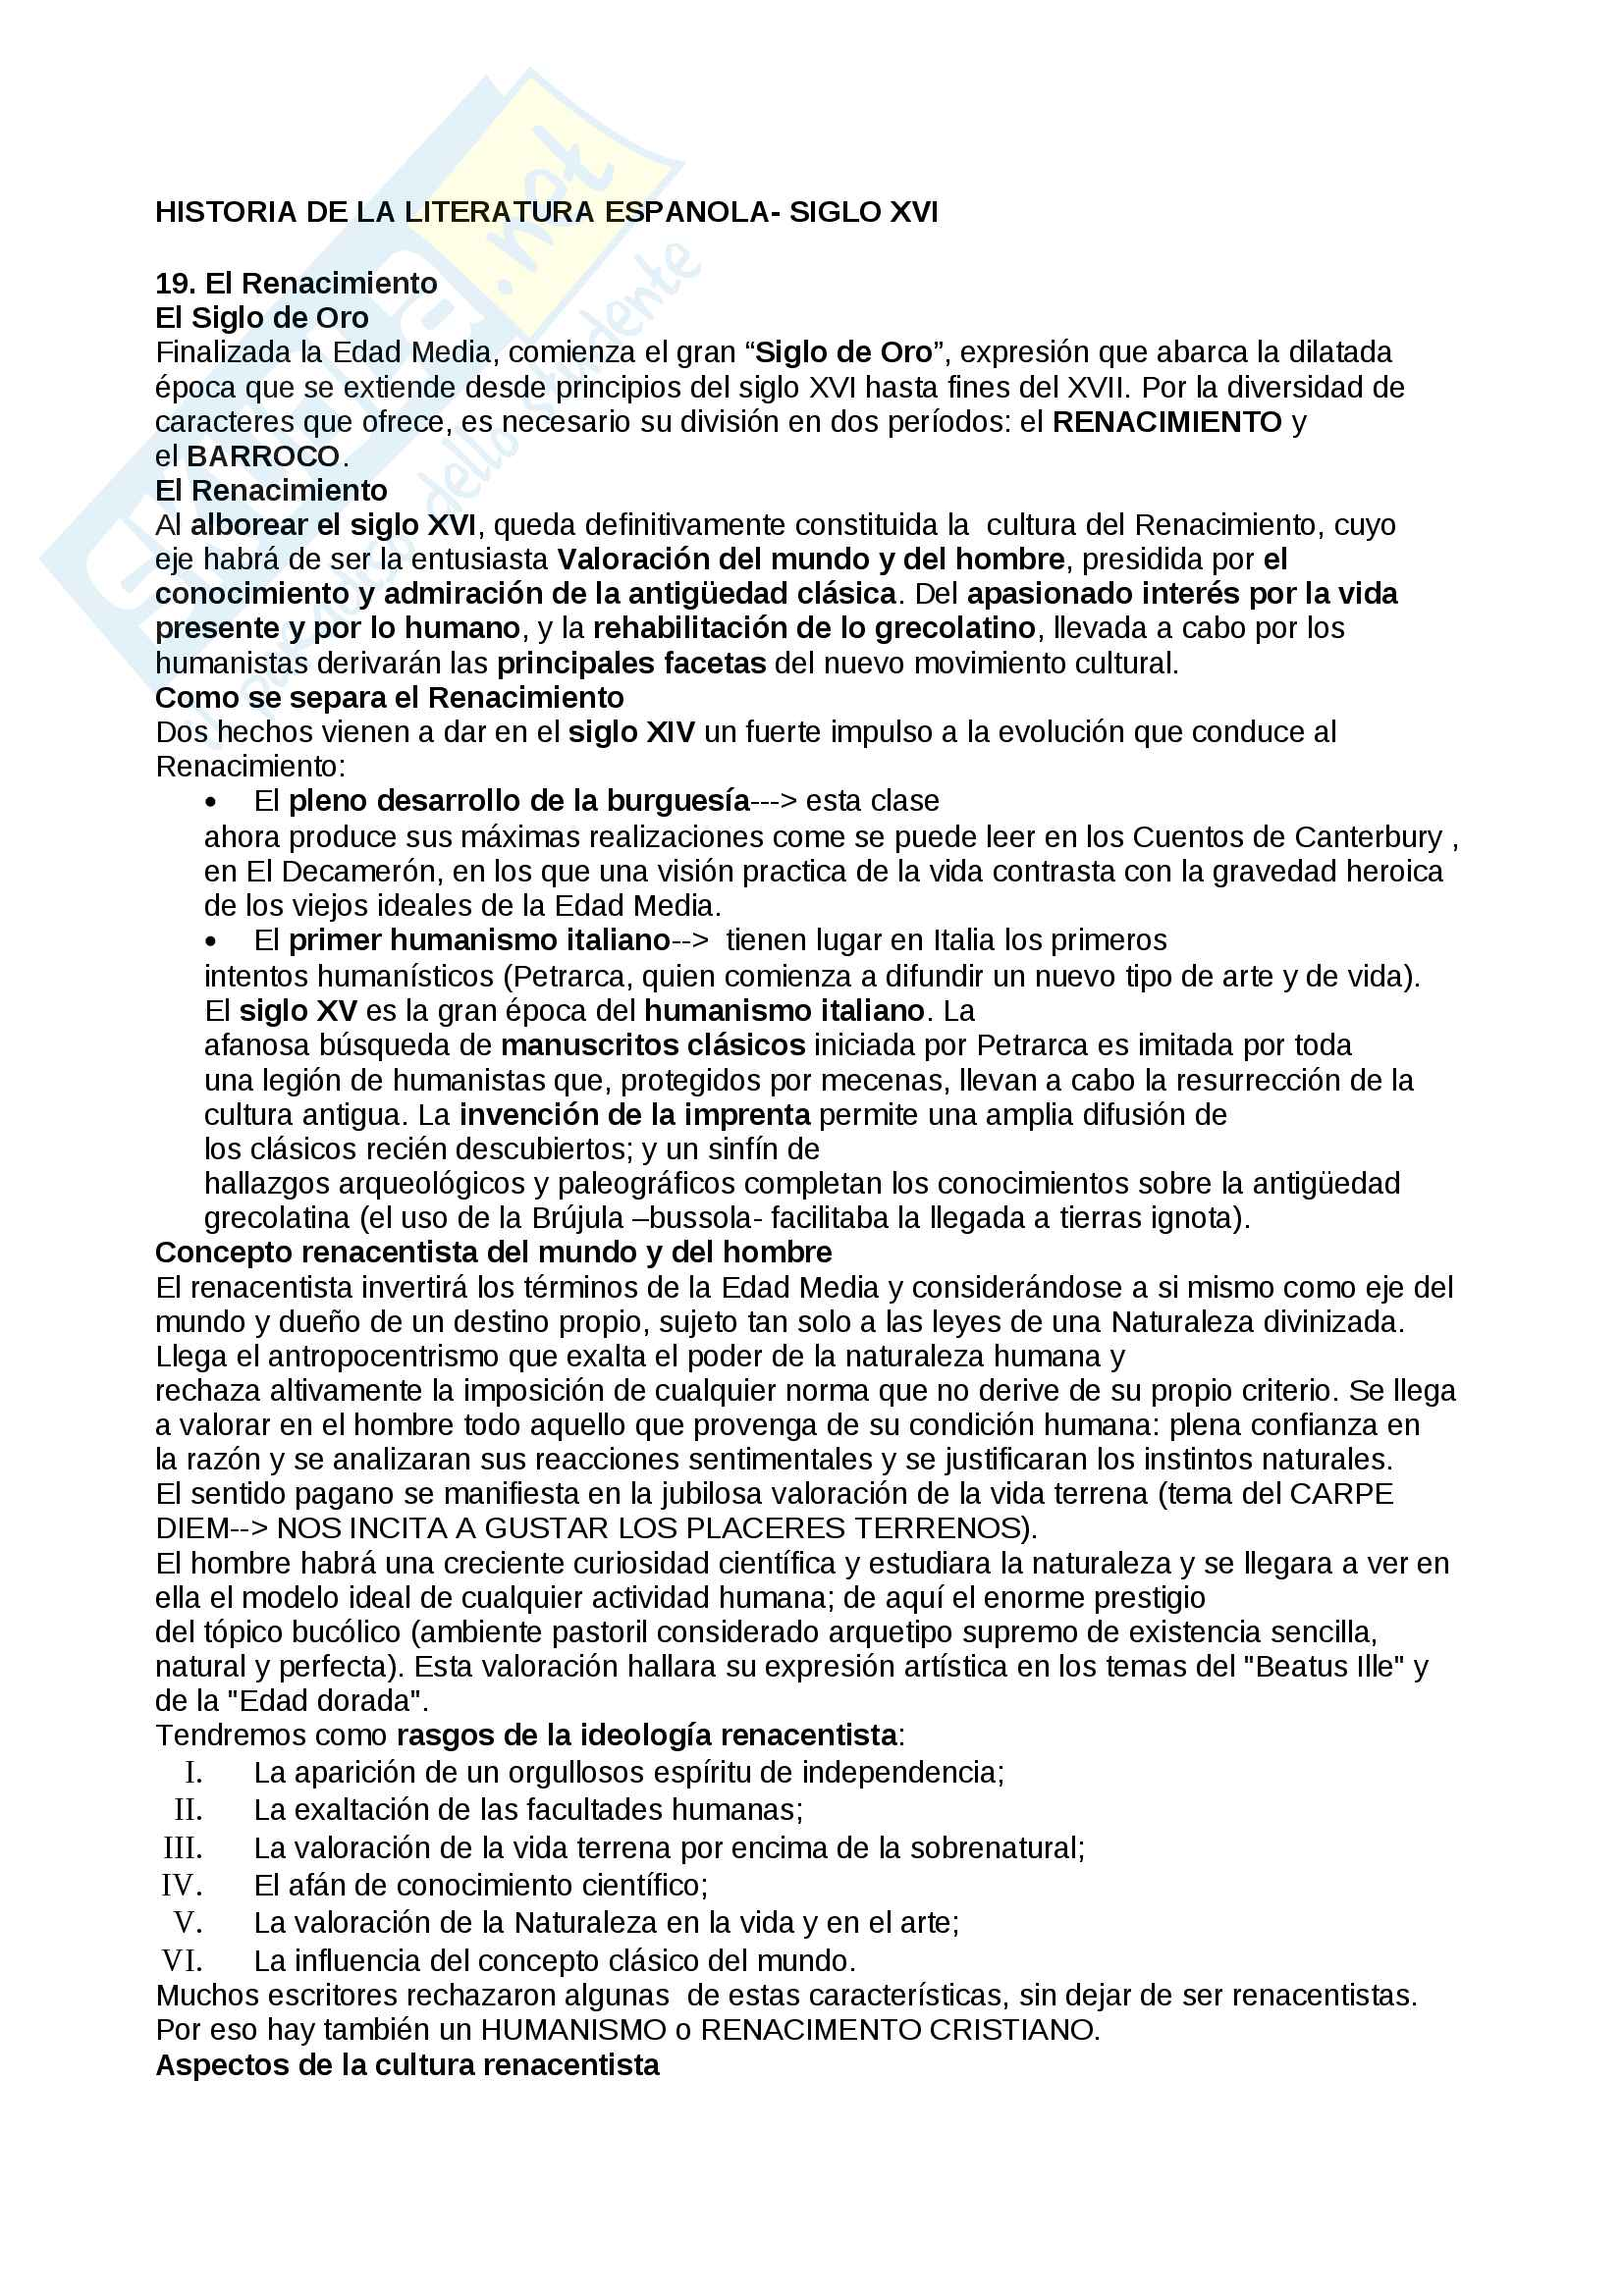 Riassunto esame Letteratura spagnola, prof. Resta, libro consigliato Historia de la literatura Espanola, Vives (siglo XVI)